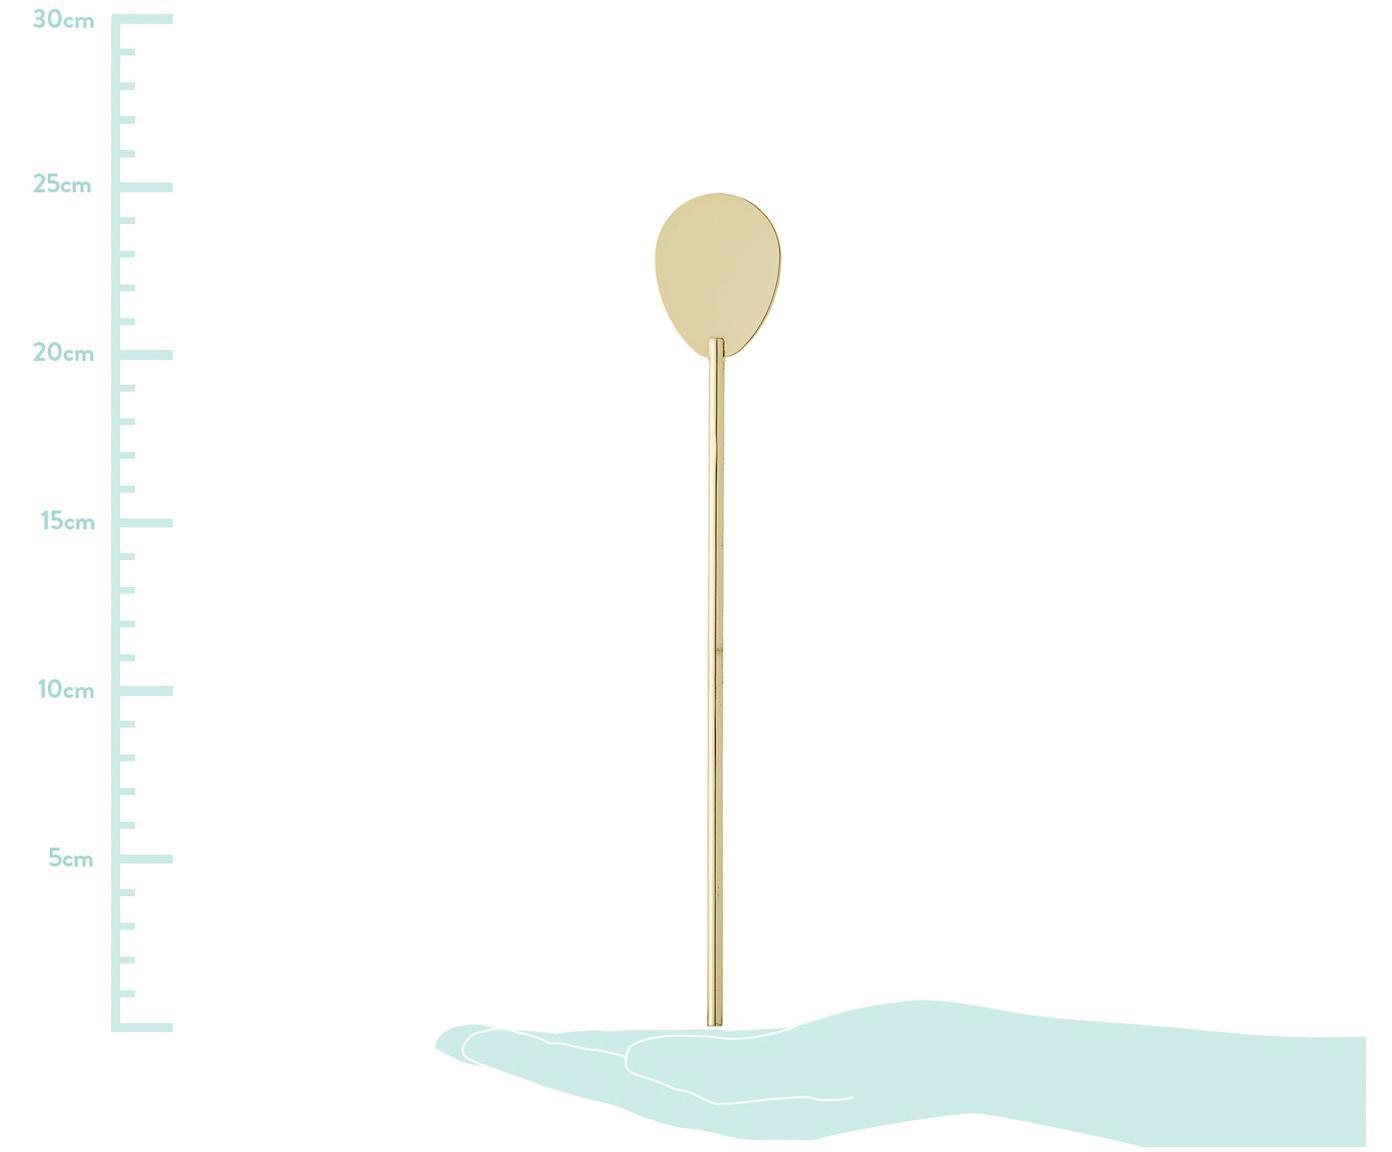 Łyżka do koktajli Curacao, 4 szt., Lakierowana stal szlachetna, Odcienie złotego, błyszczący, D 25 cm